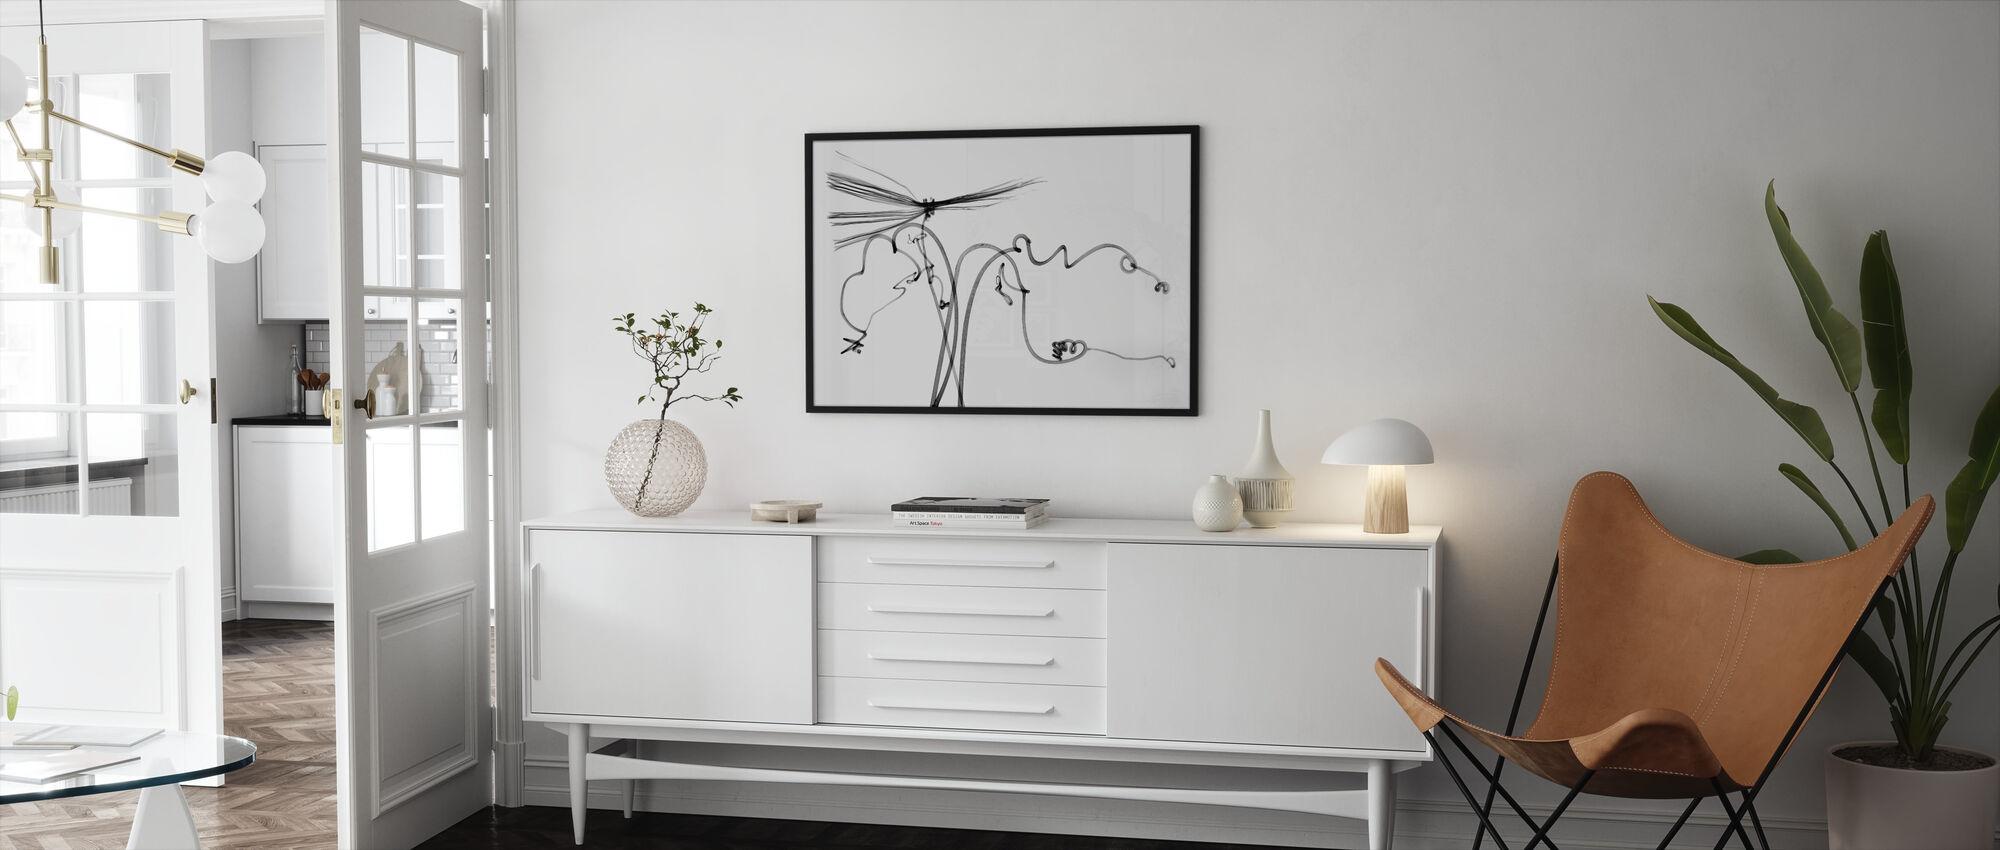 Strollslända - Inramad tavla - Vardagsrum